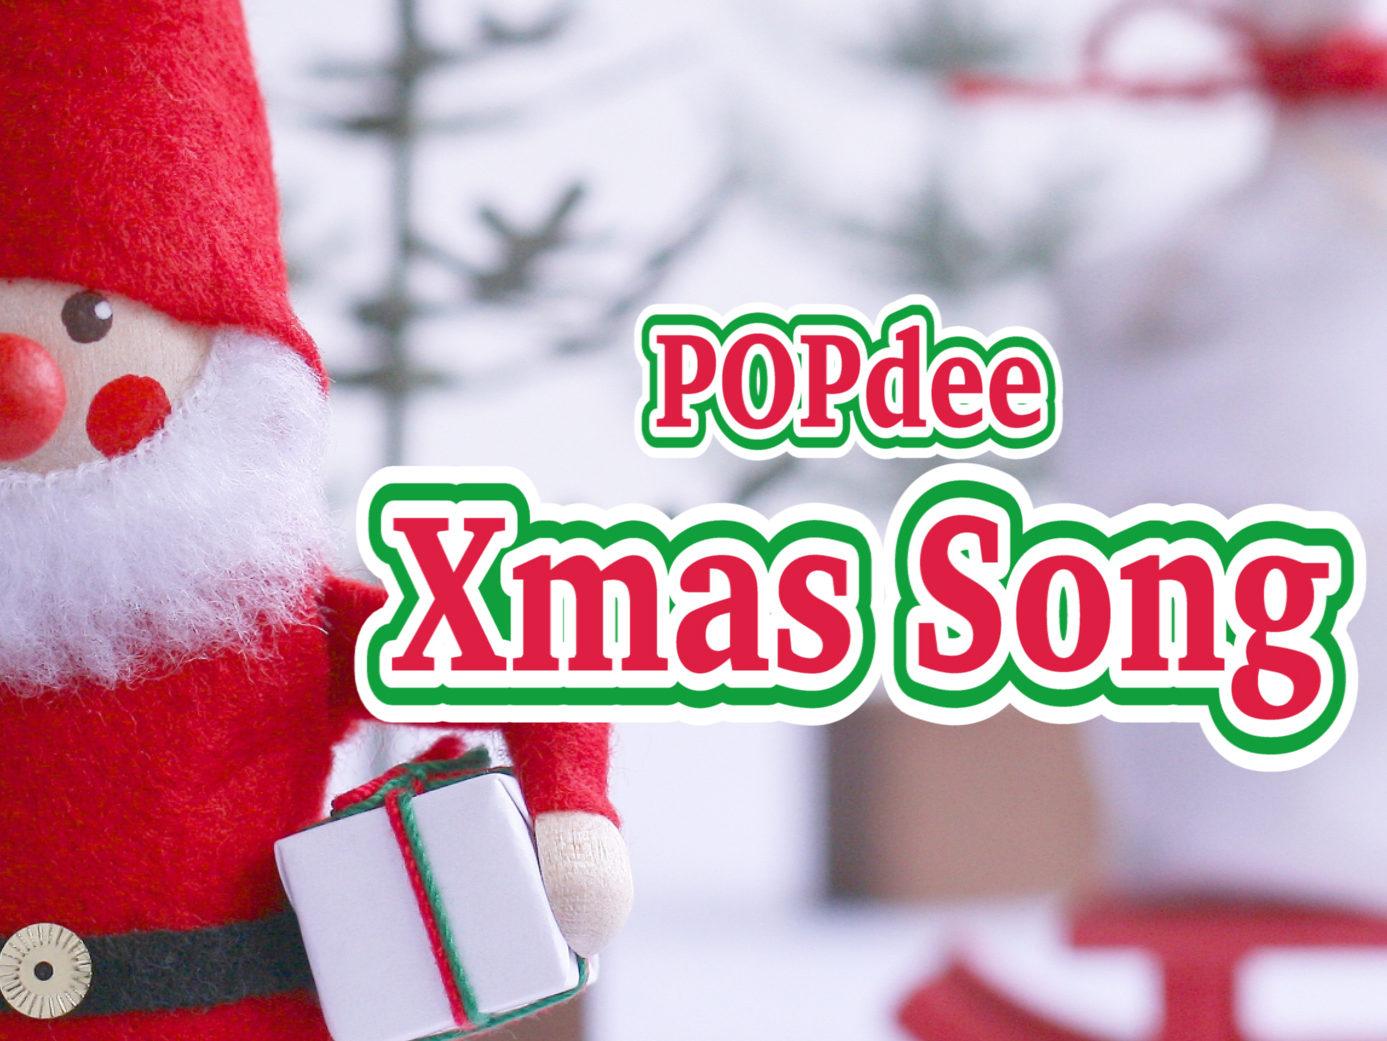 クリスマスソング Xmas songs